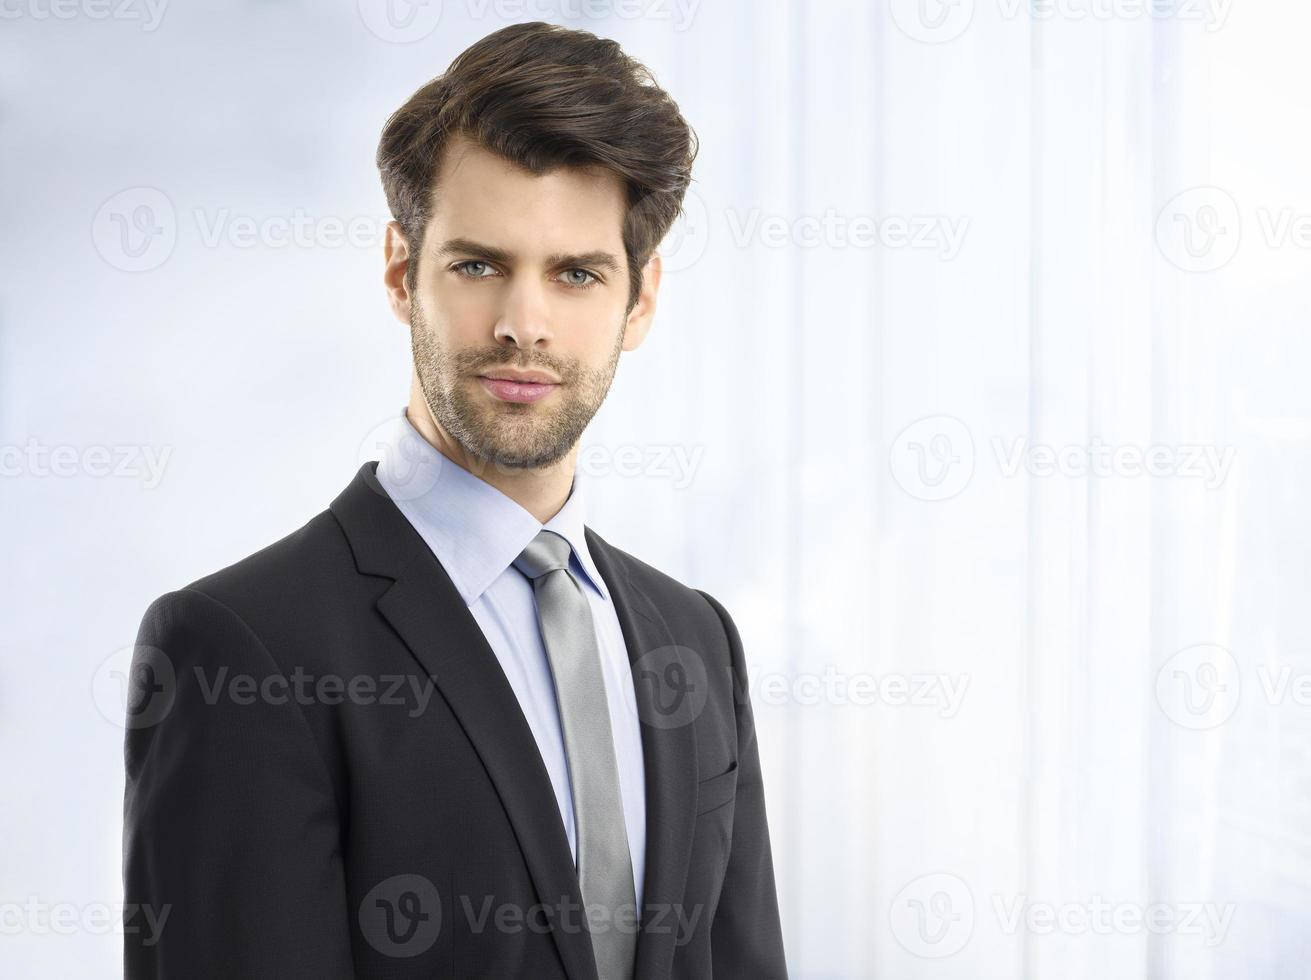 Confident young businessman portrait photo